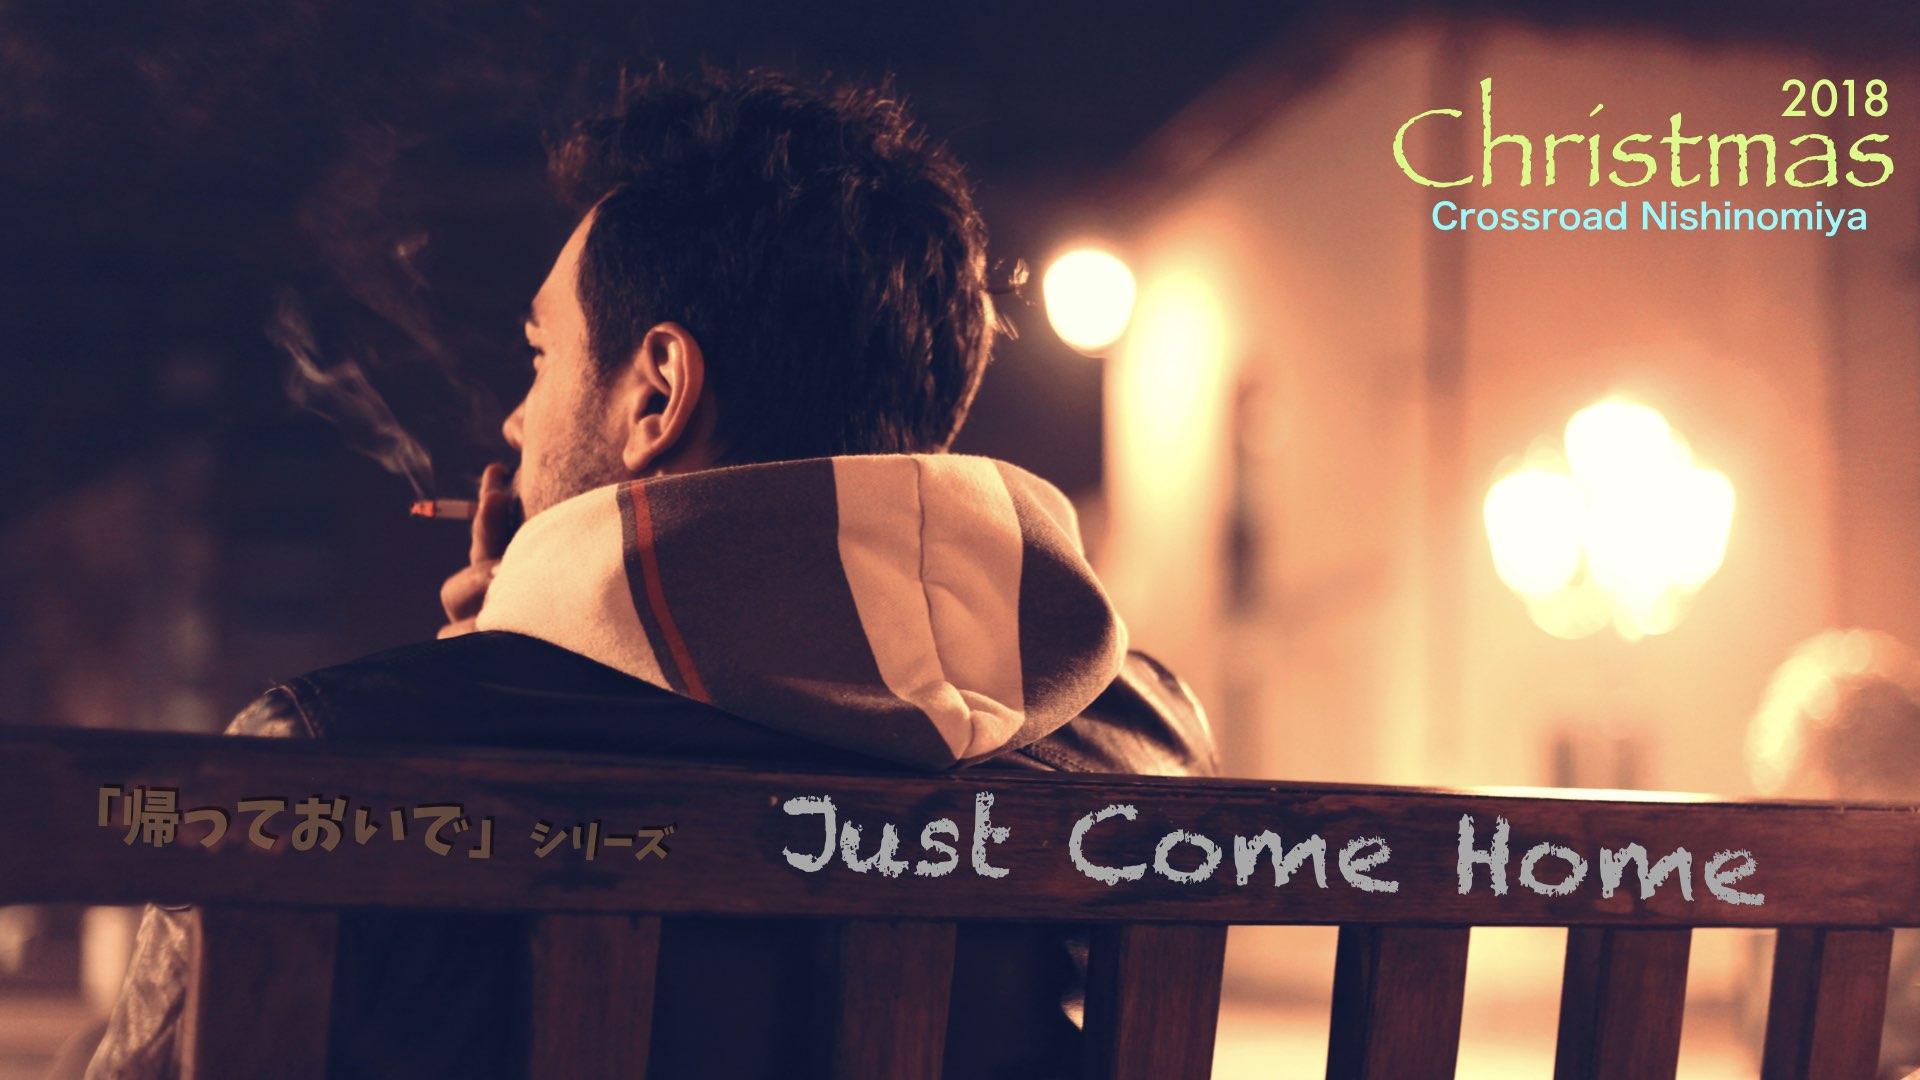 西宮クロスロード教会のメッセージシリーズ「Just Come Home」